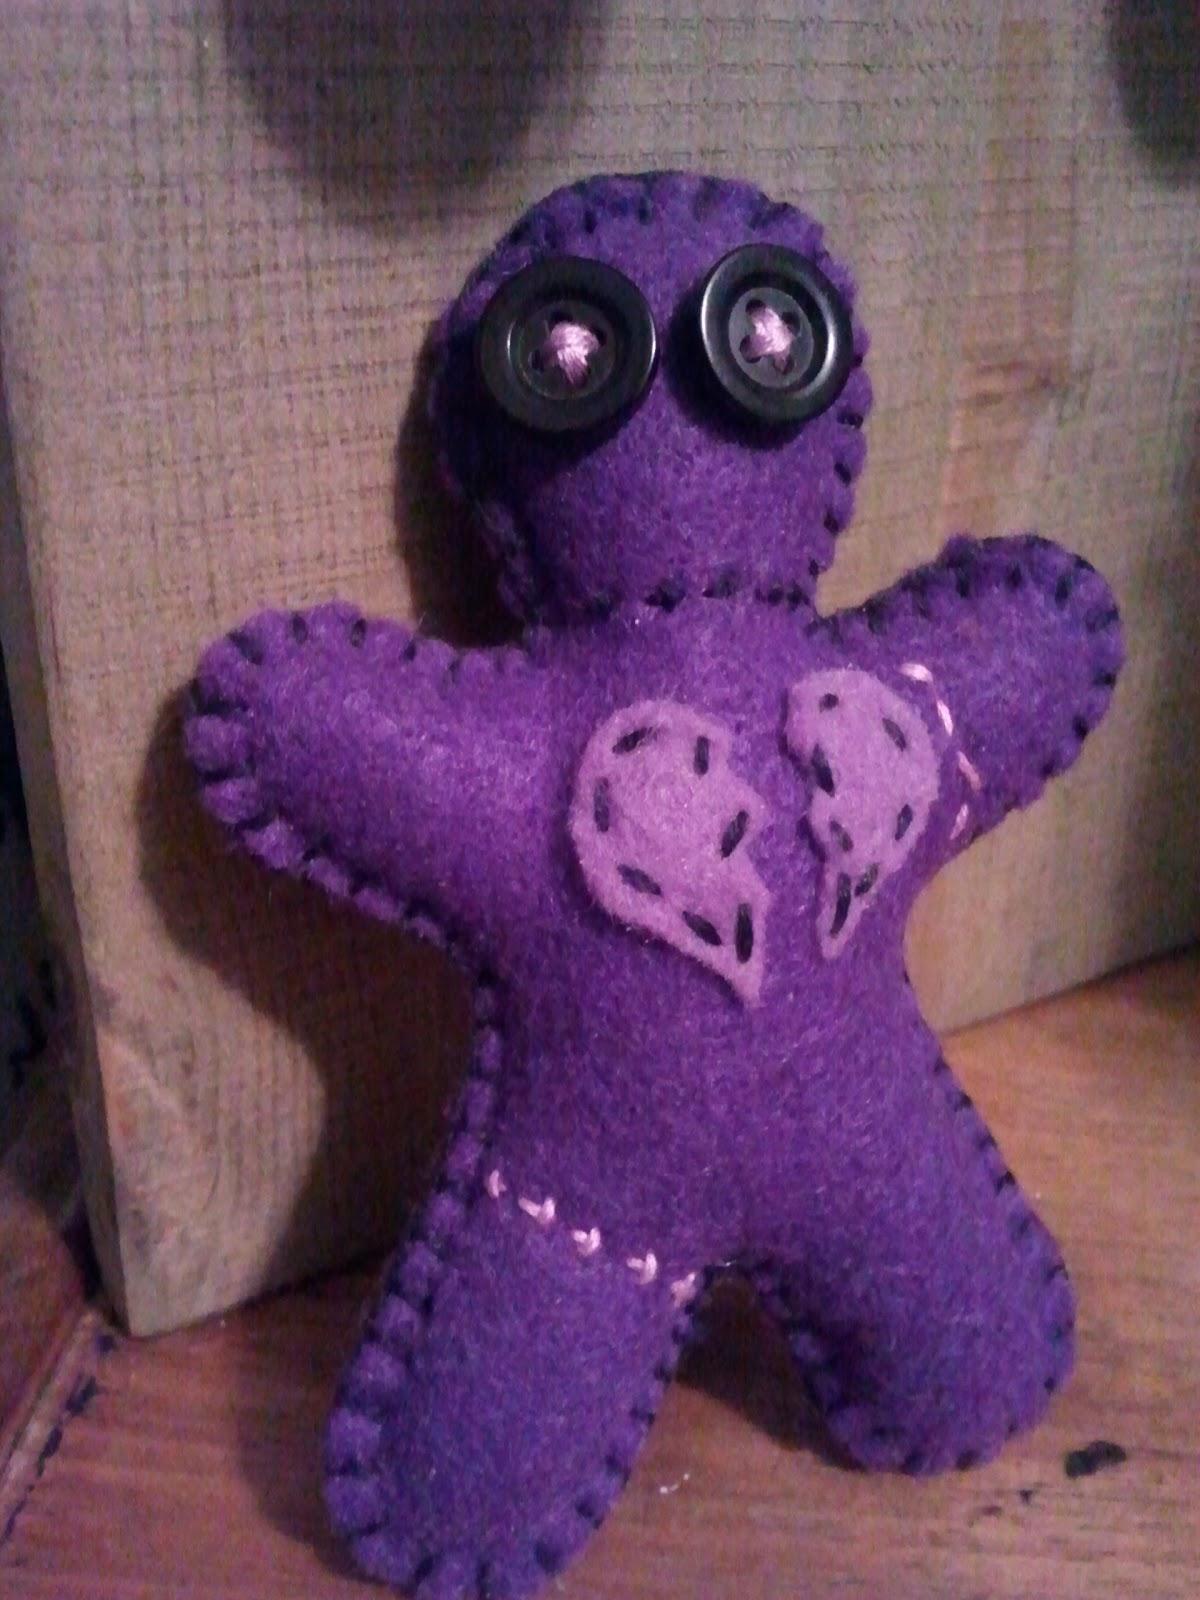 One Crafty Stitch Felt Voodoo Doll Pincushion